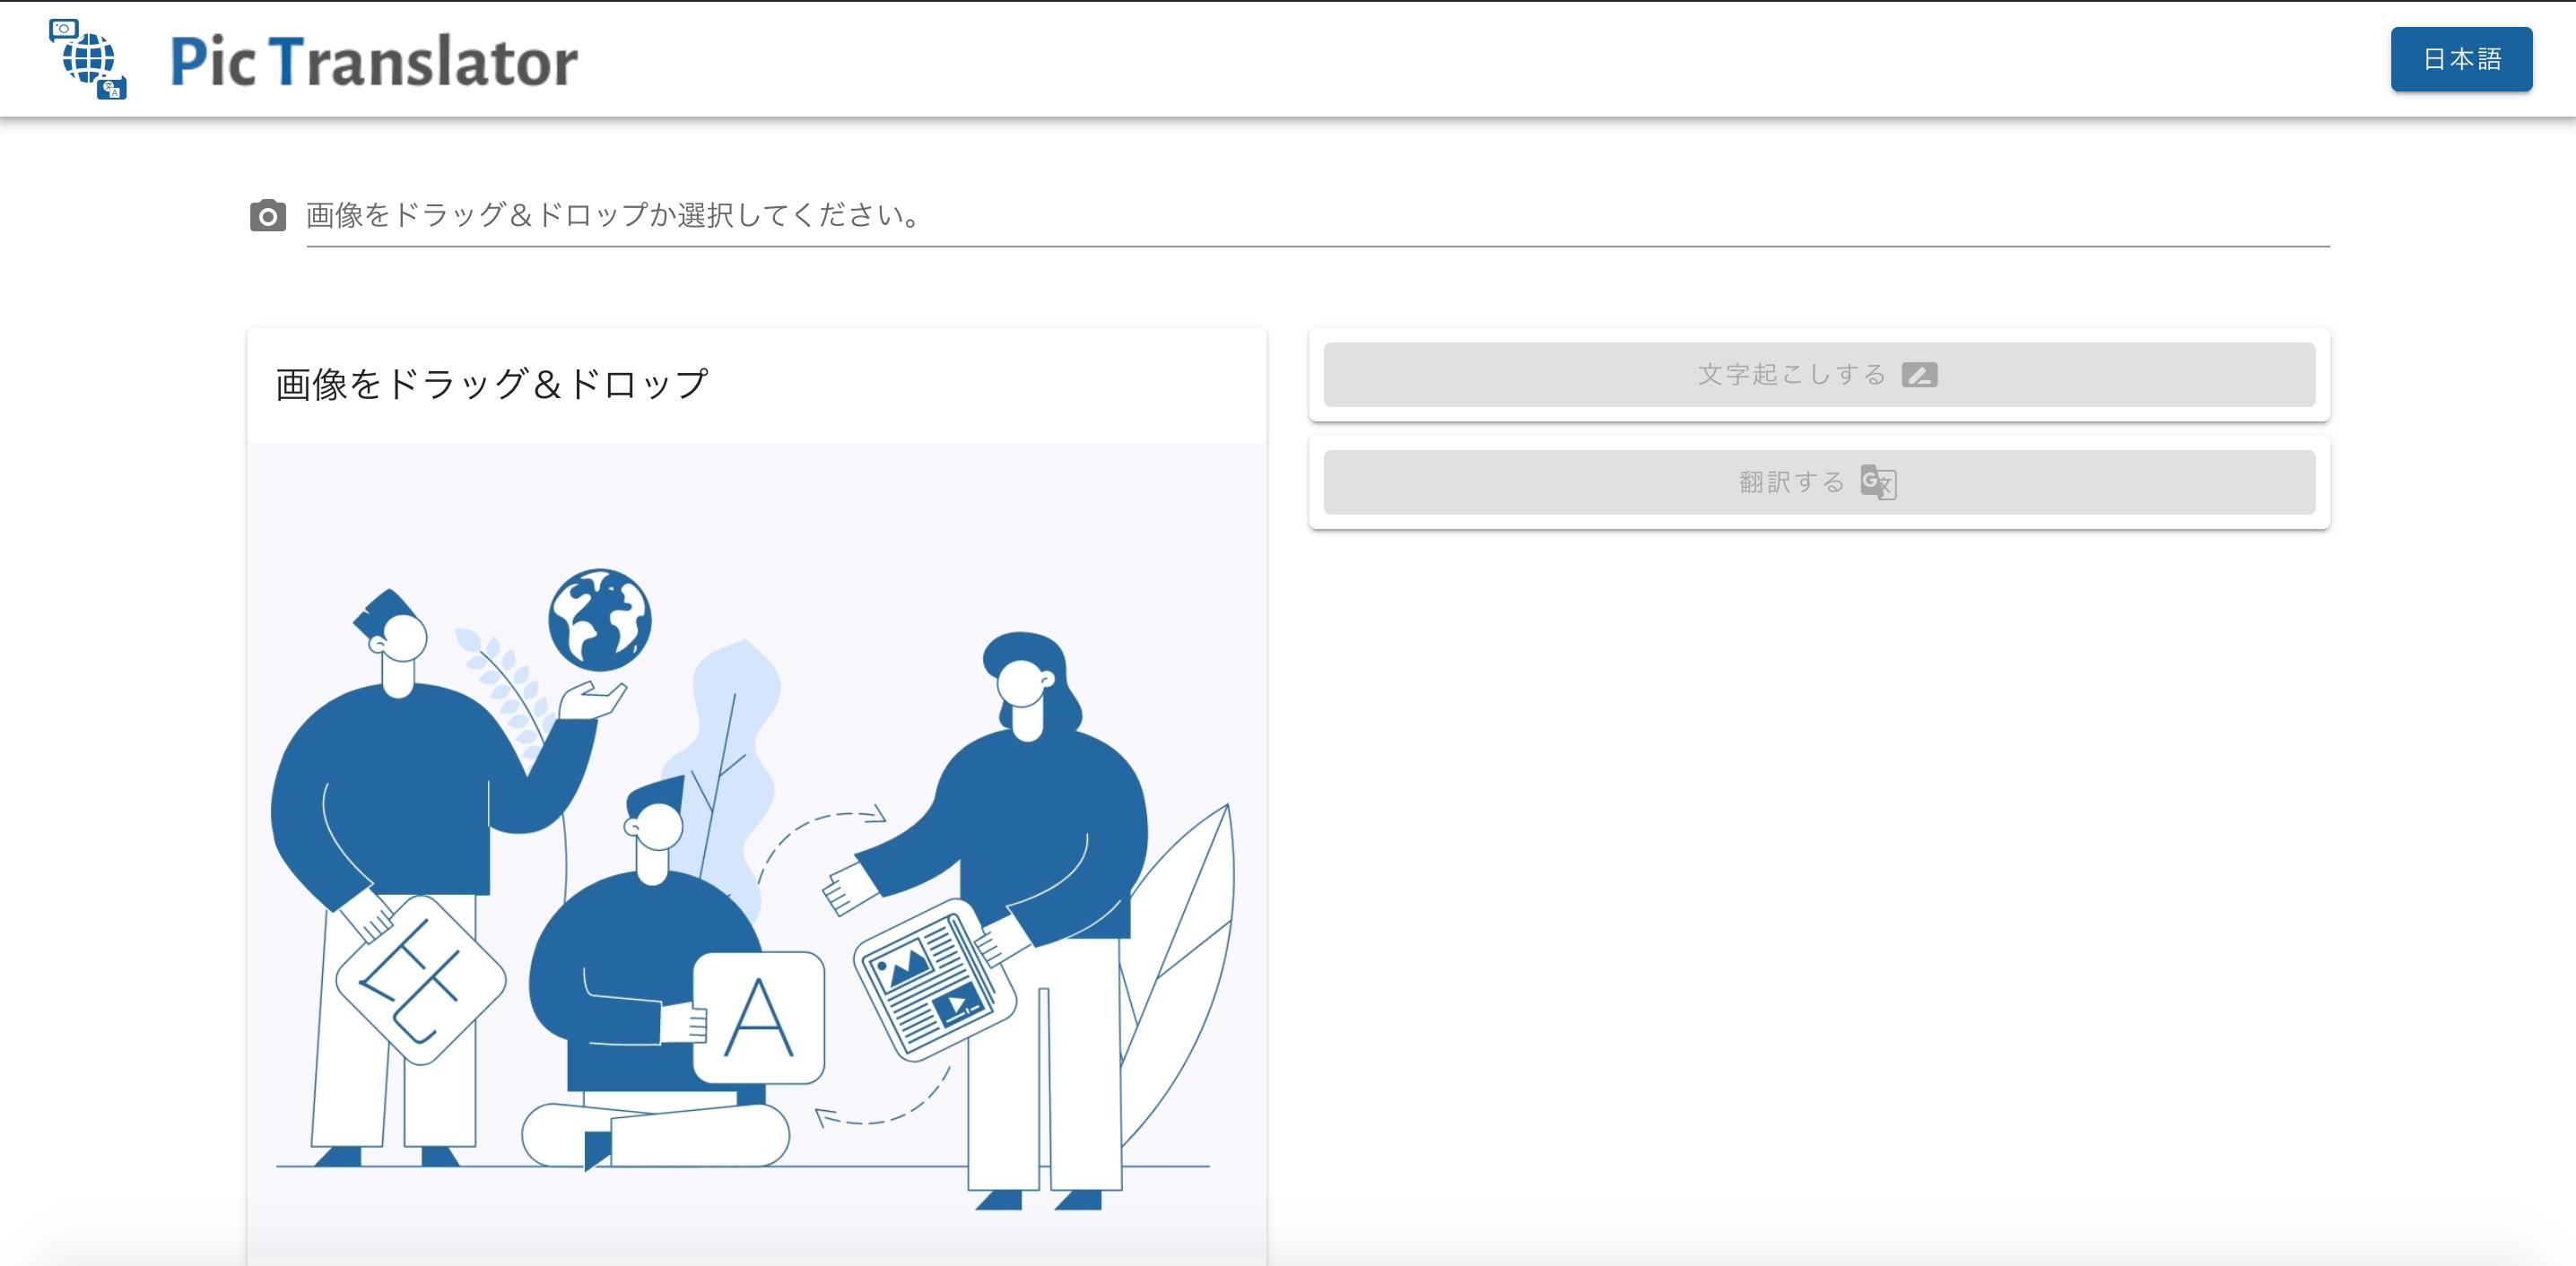 スクリーンショット 2020-10-17 0.26.45.png